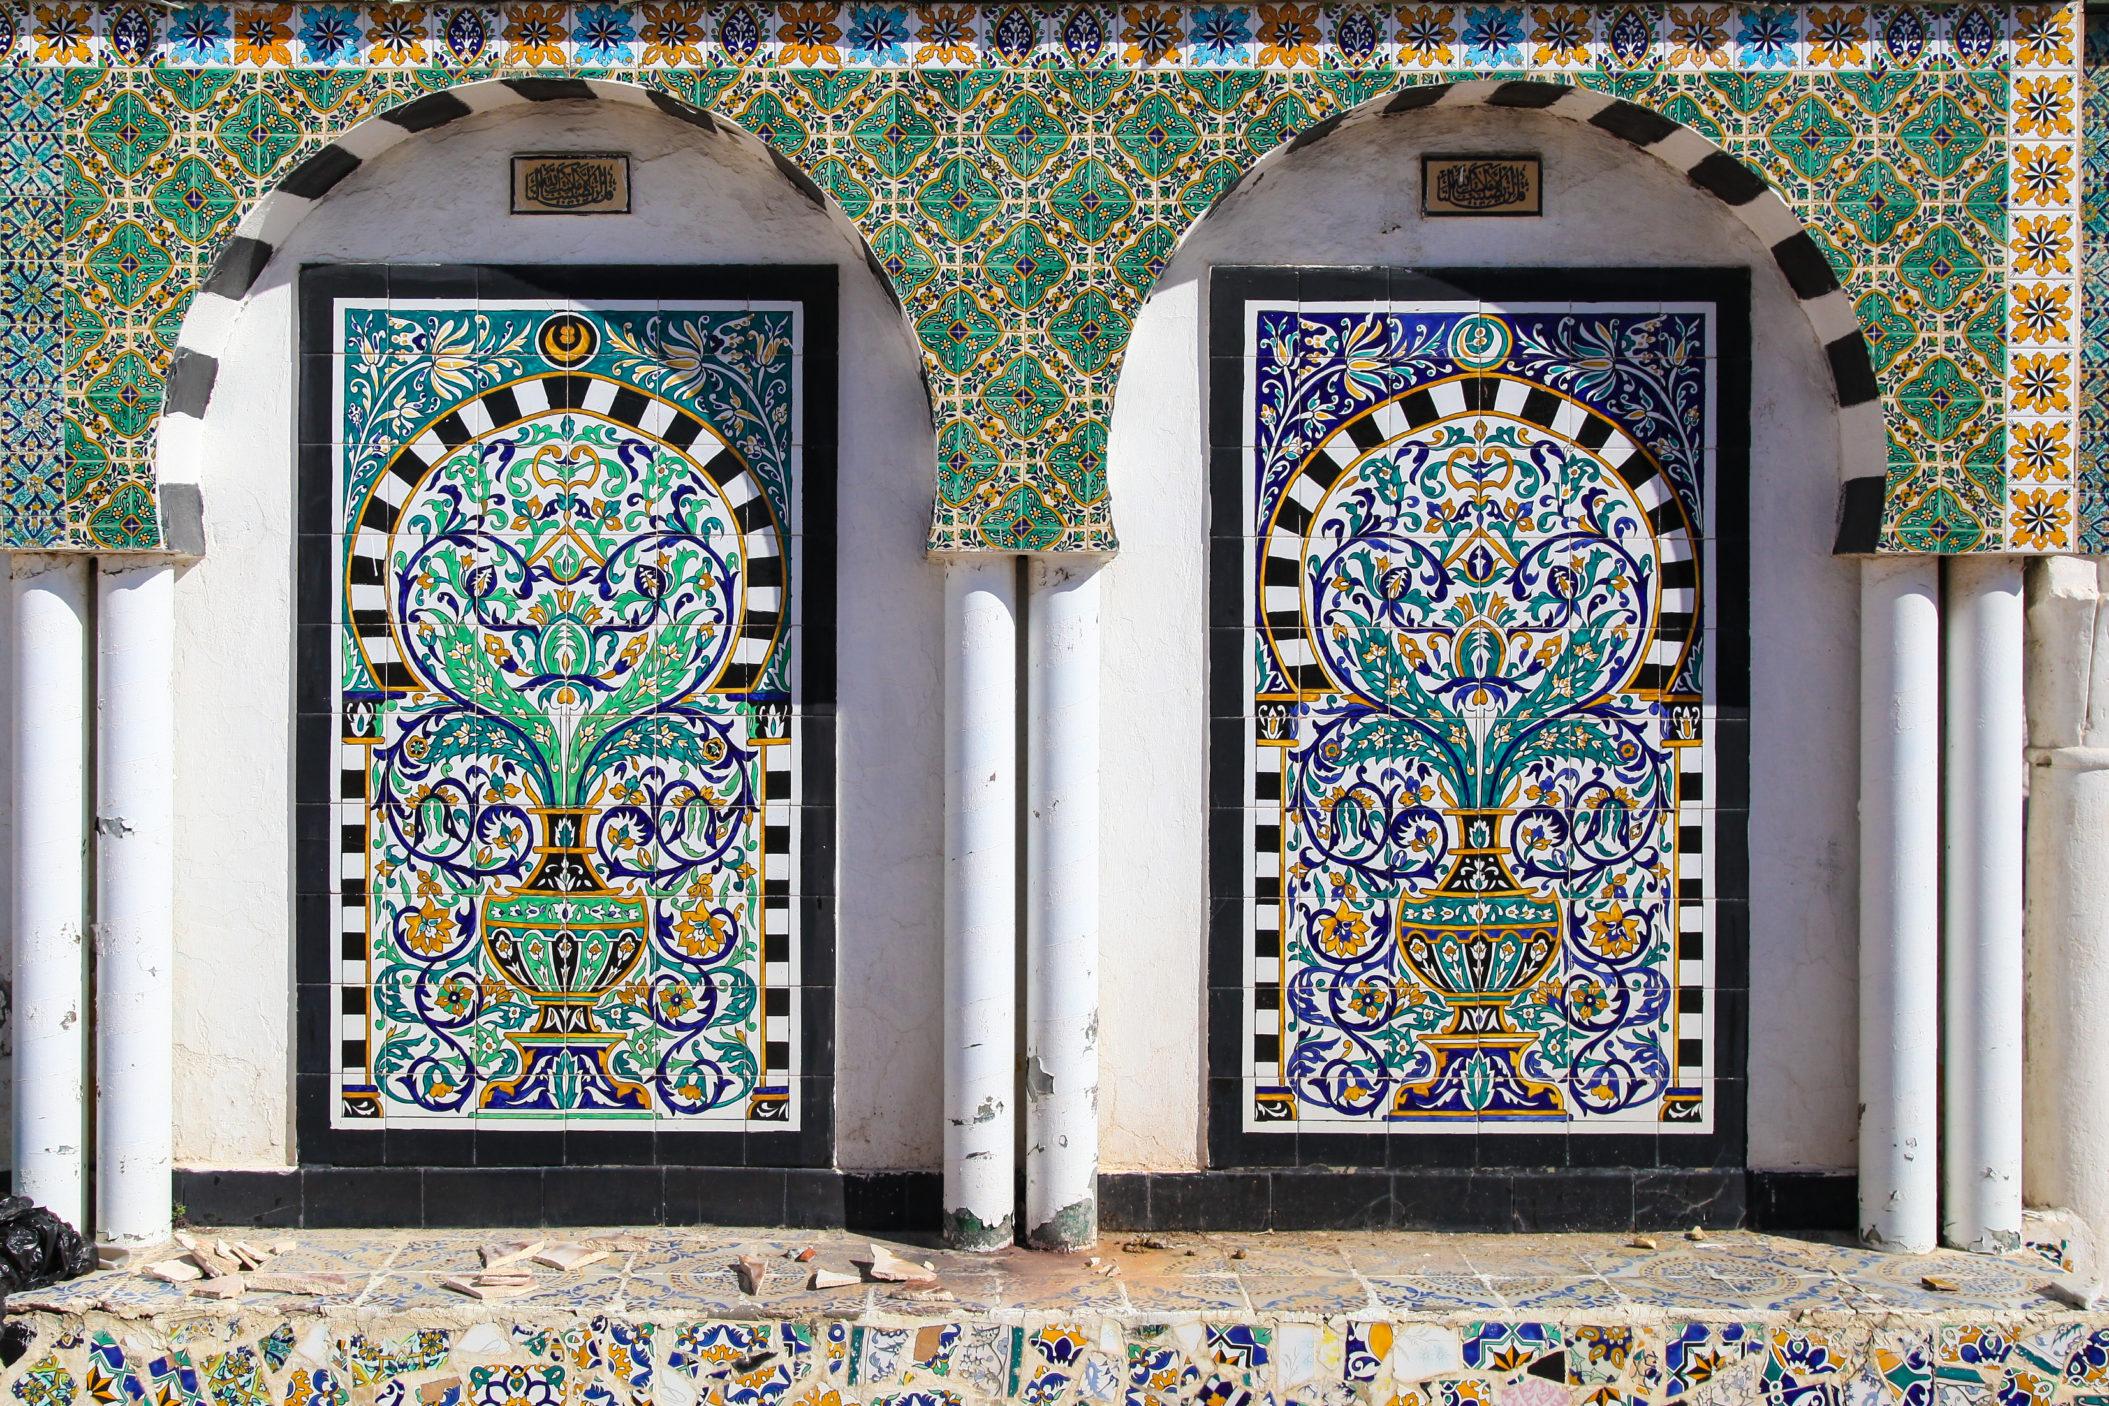 Tunisia [Shutterstock]